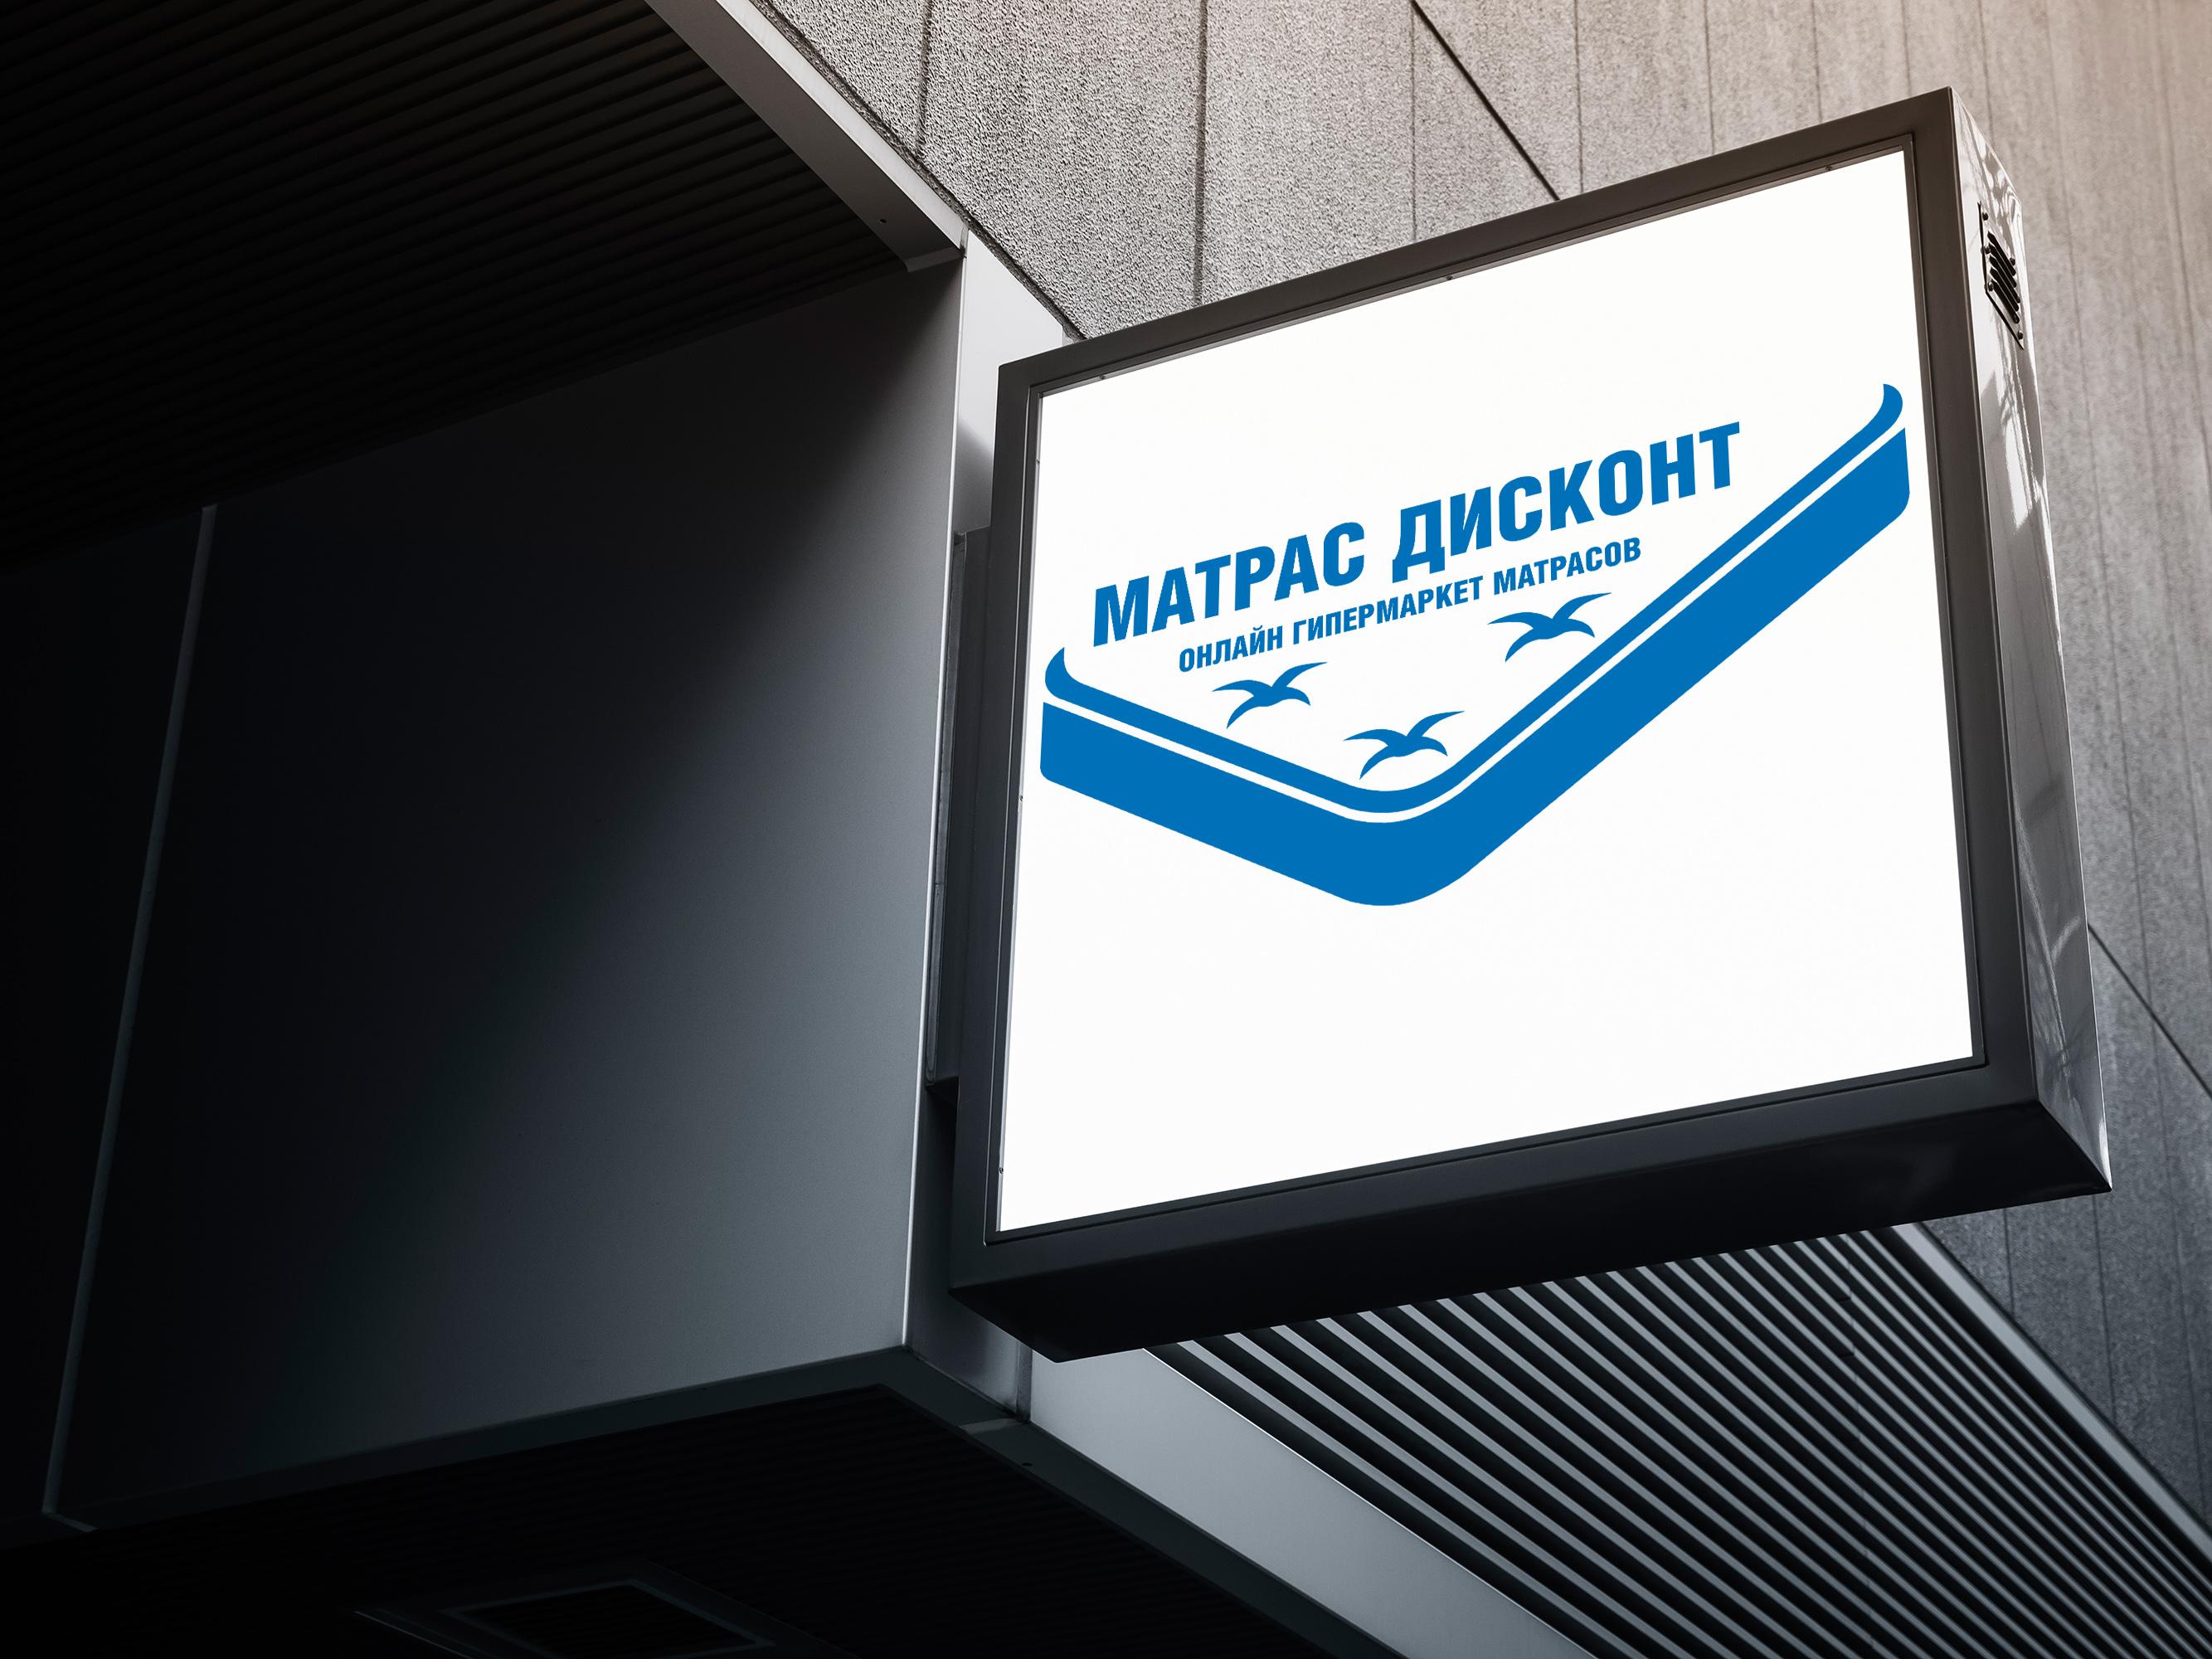 Логотип для ИМ матрасов фото f_5045c8647abdfd51.jpg